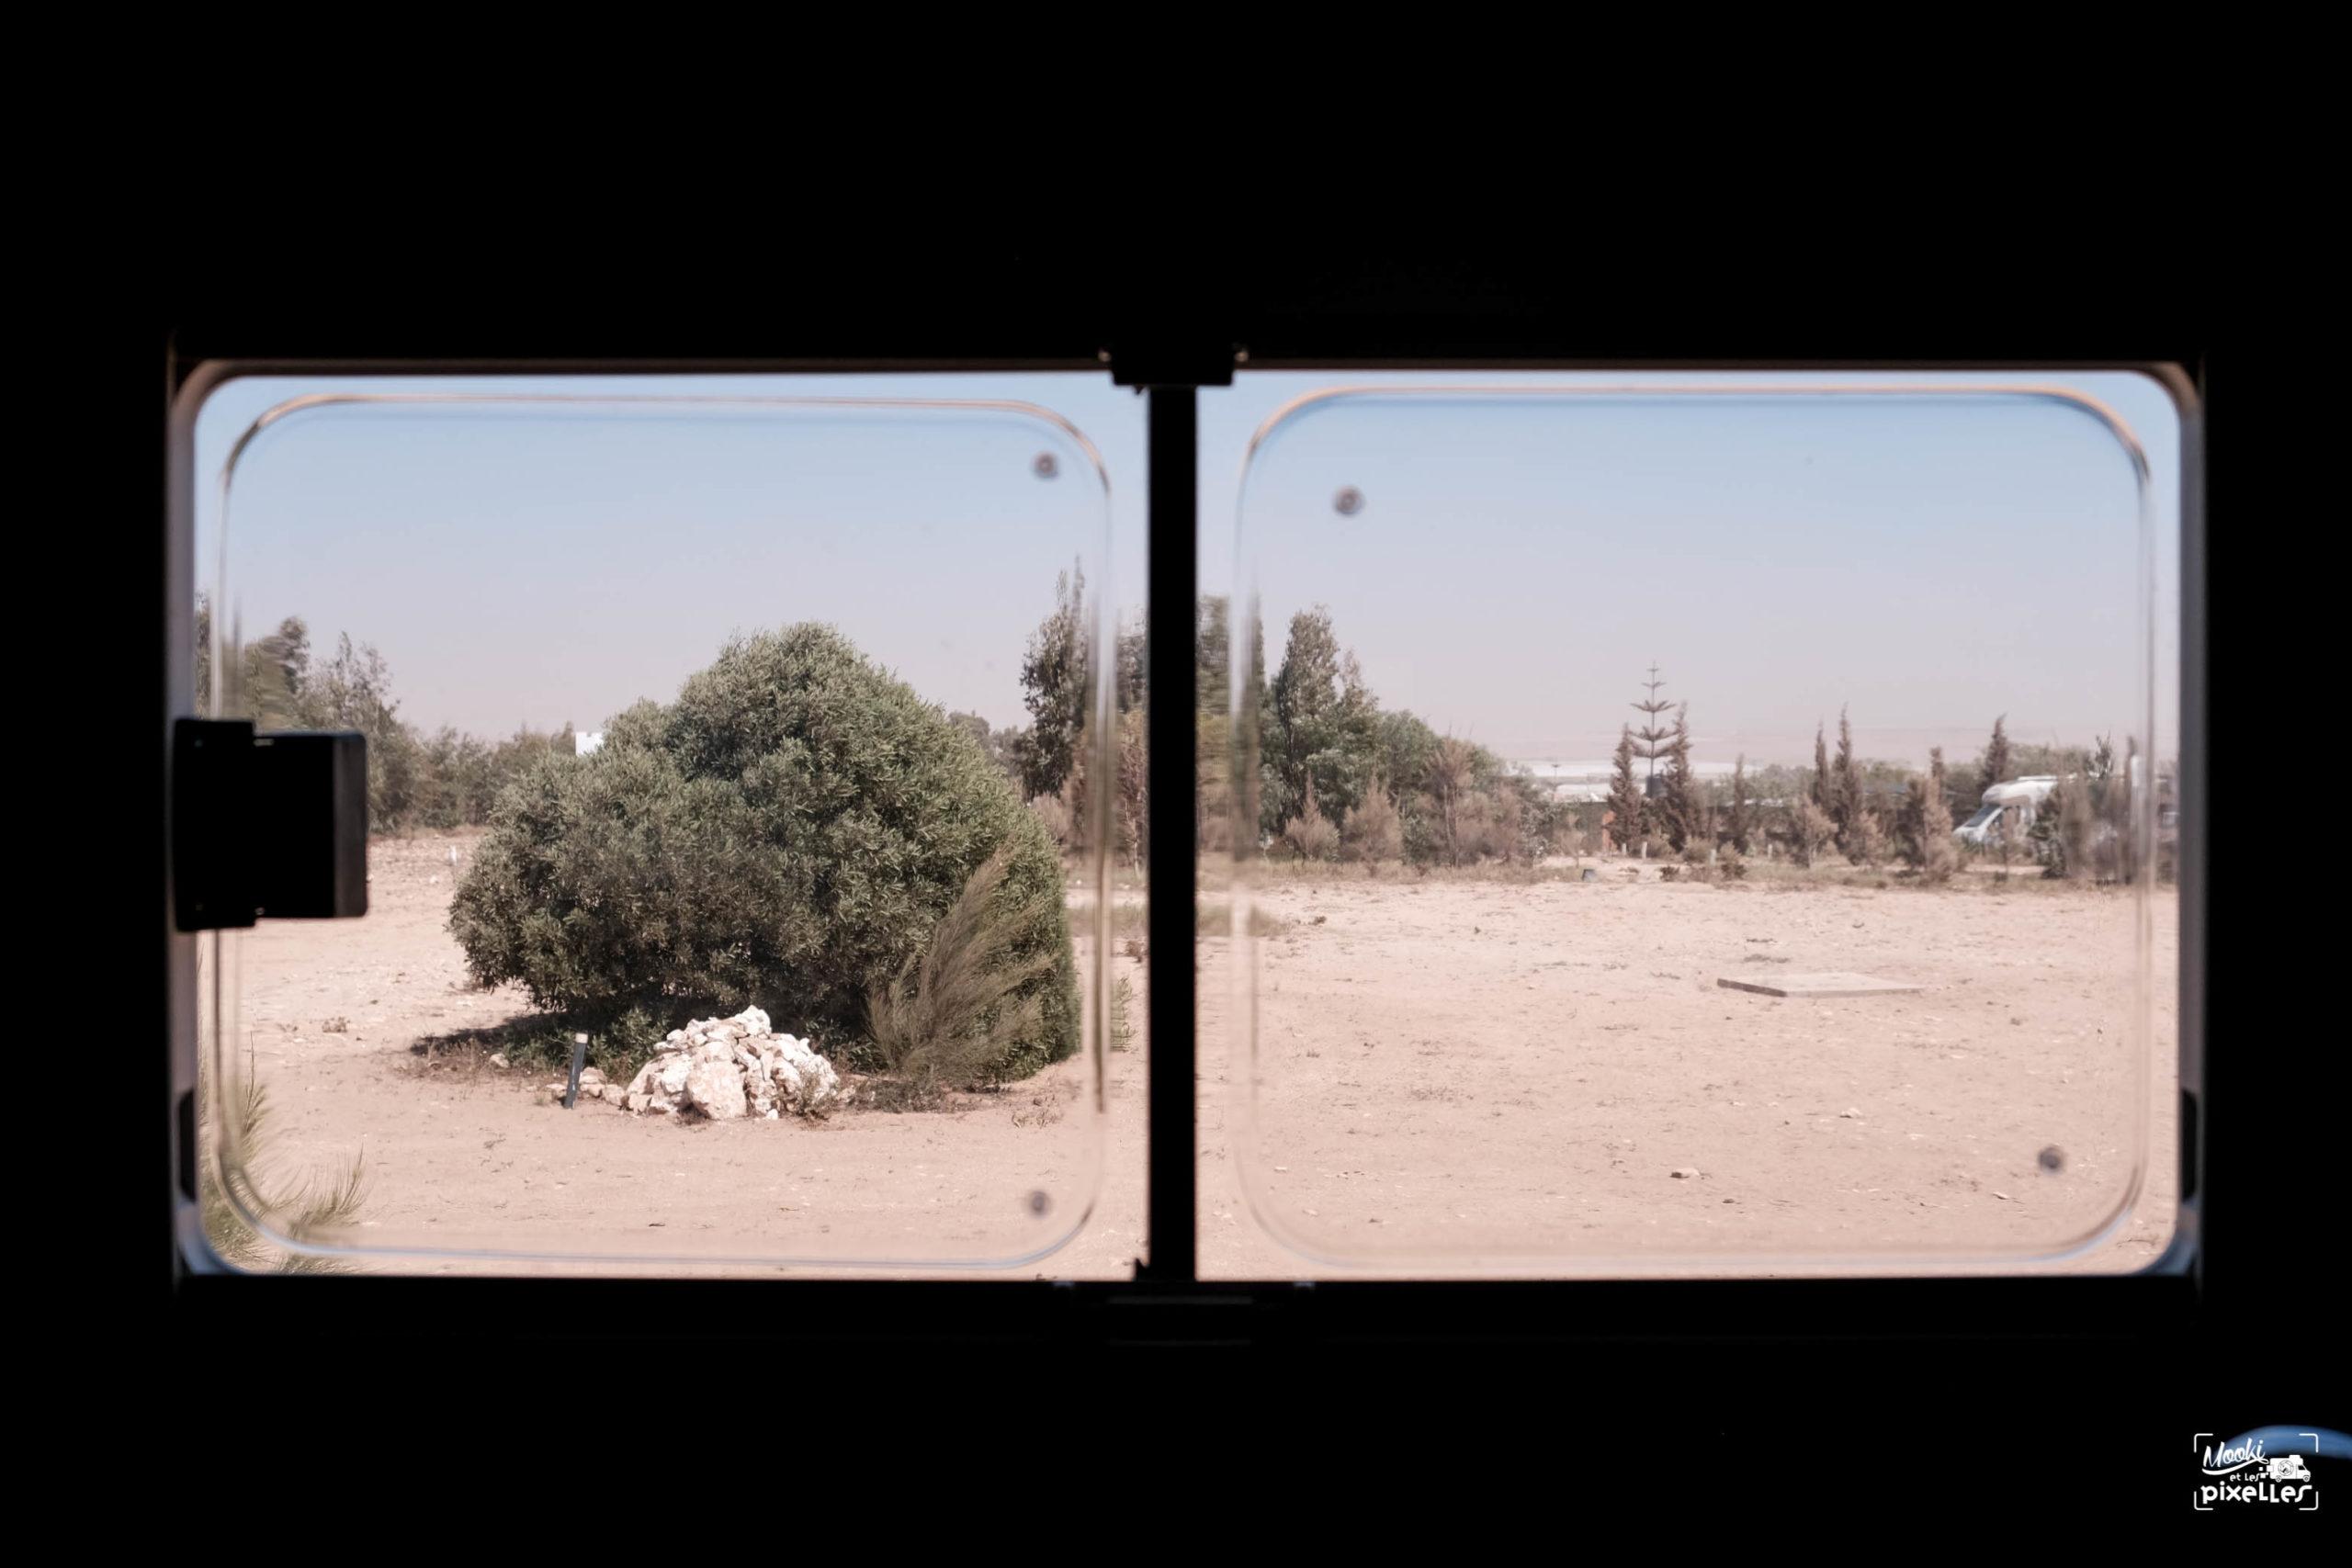 Vue de la fenêtre du camping car pendant le confinement au Maroc